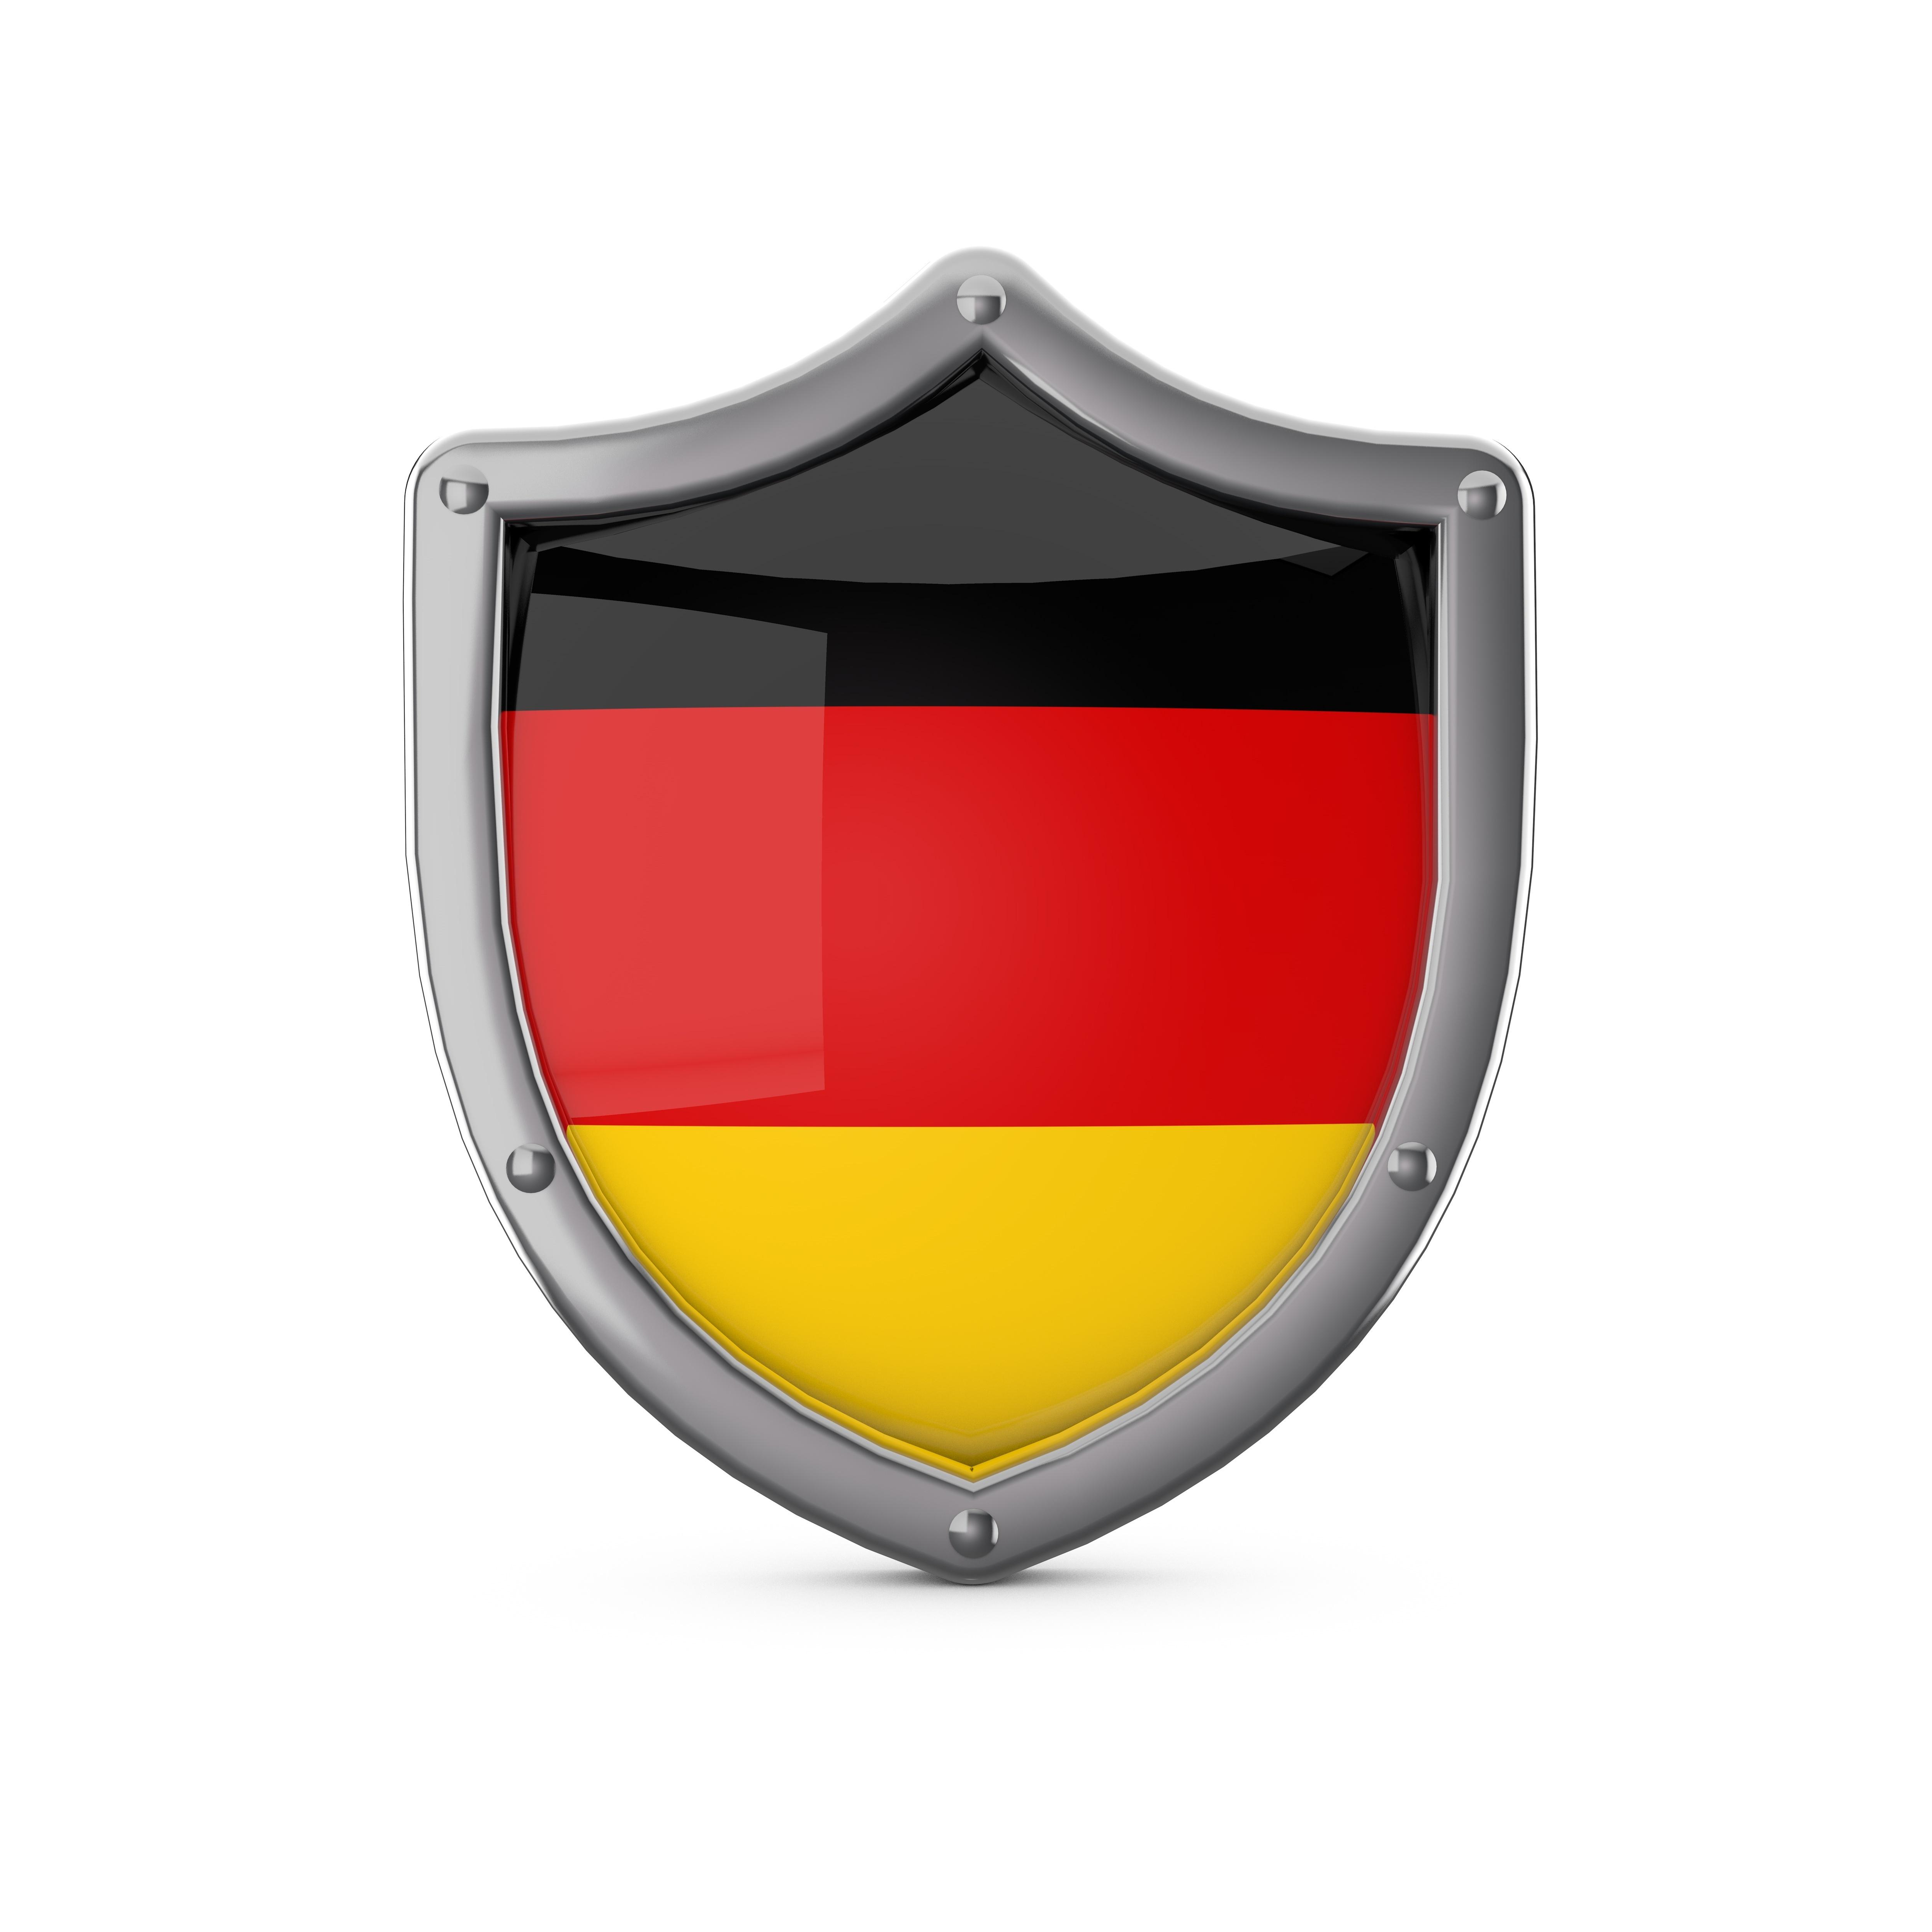 Verbot-der-Nachschusspflicht-für-CFDs-tritt-offiziell-und-branchenweit-in-Kraft-Kommentar-Jens-Chrzanowski-GodmodeTrader.de-1